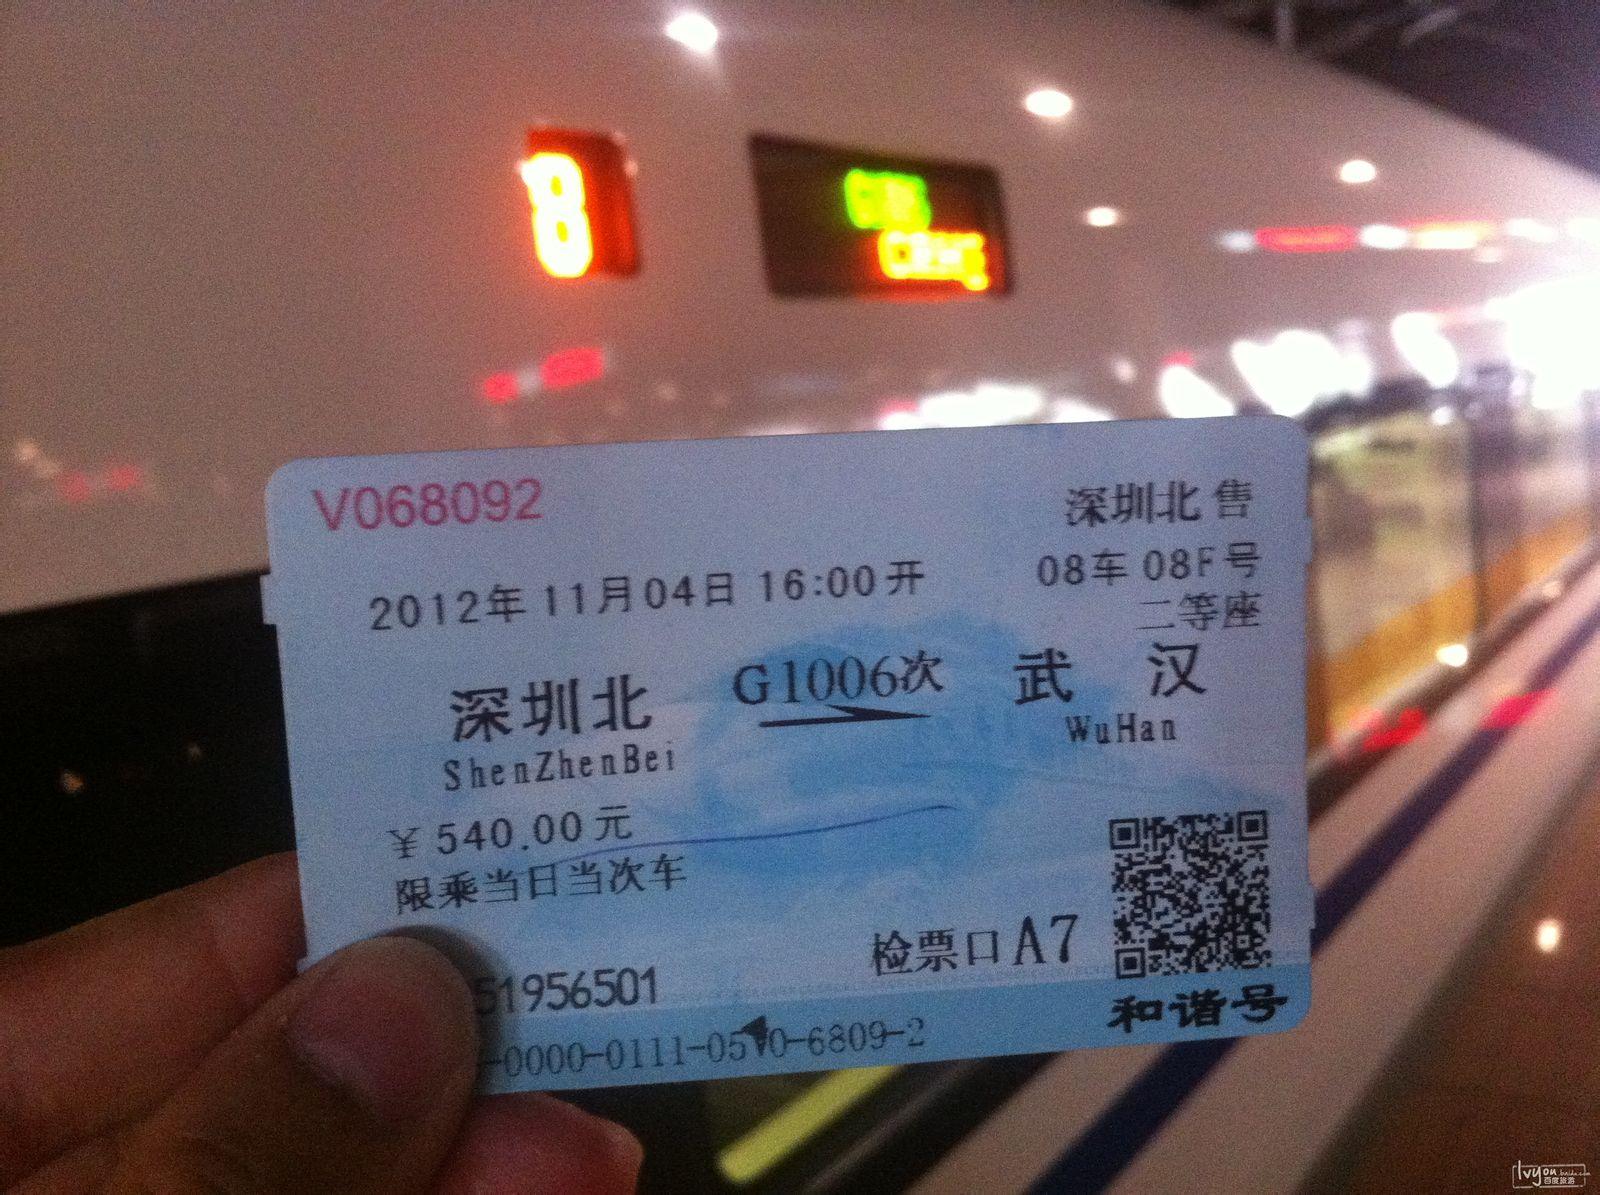 游记攻略 武汉游记 慢游武汉  午饭后,坐地铁到深圳北站,开展我的第一